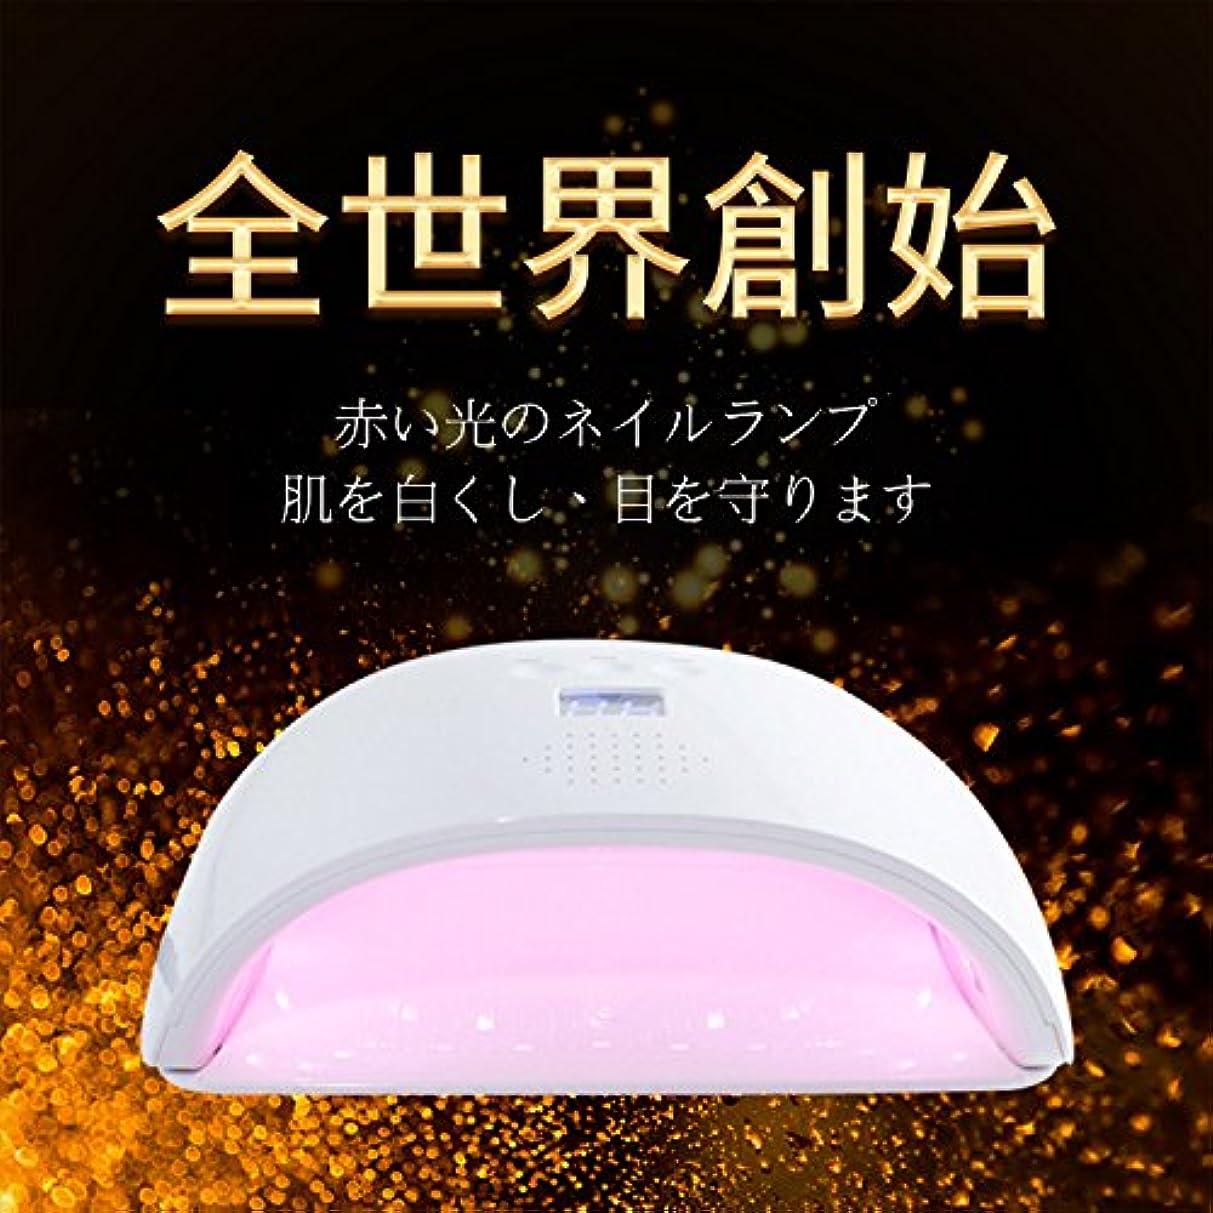 アリス鼻ディスクHalicer 48W UV LED ネイルドライヤー 人感センサー 自動オンオフ 30S/60S/90Sタイマー設定 取り外し式 手と足両用 22粒UV LDEダブルライト